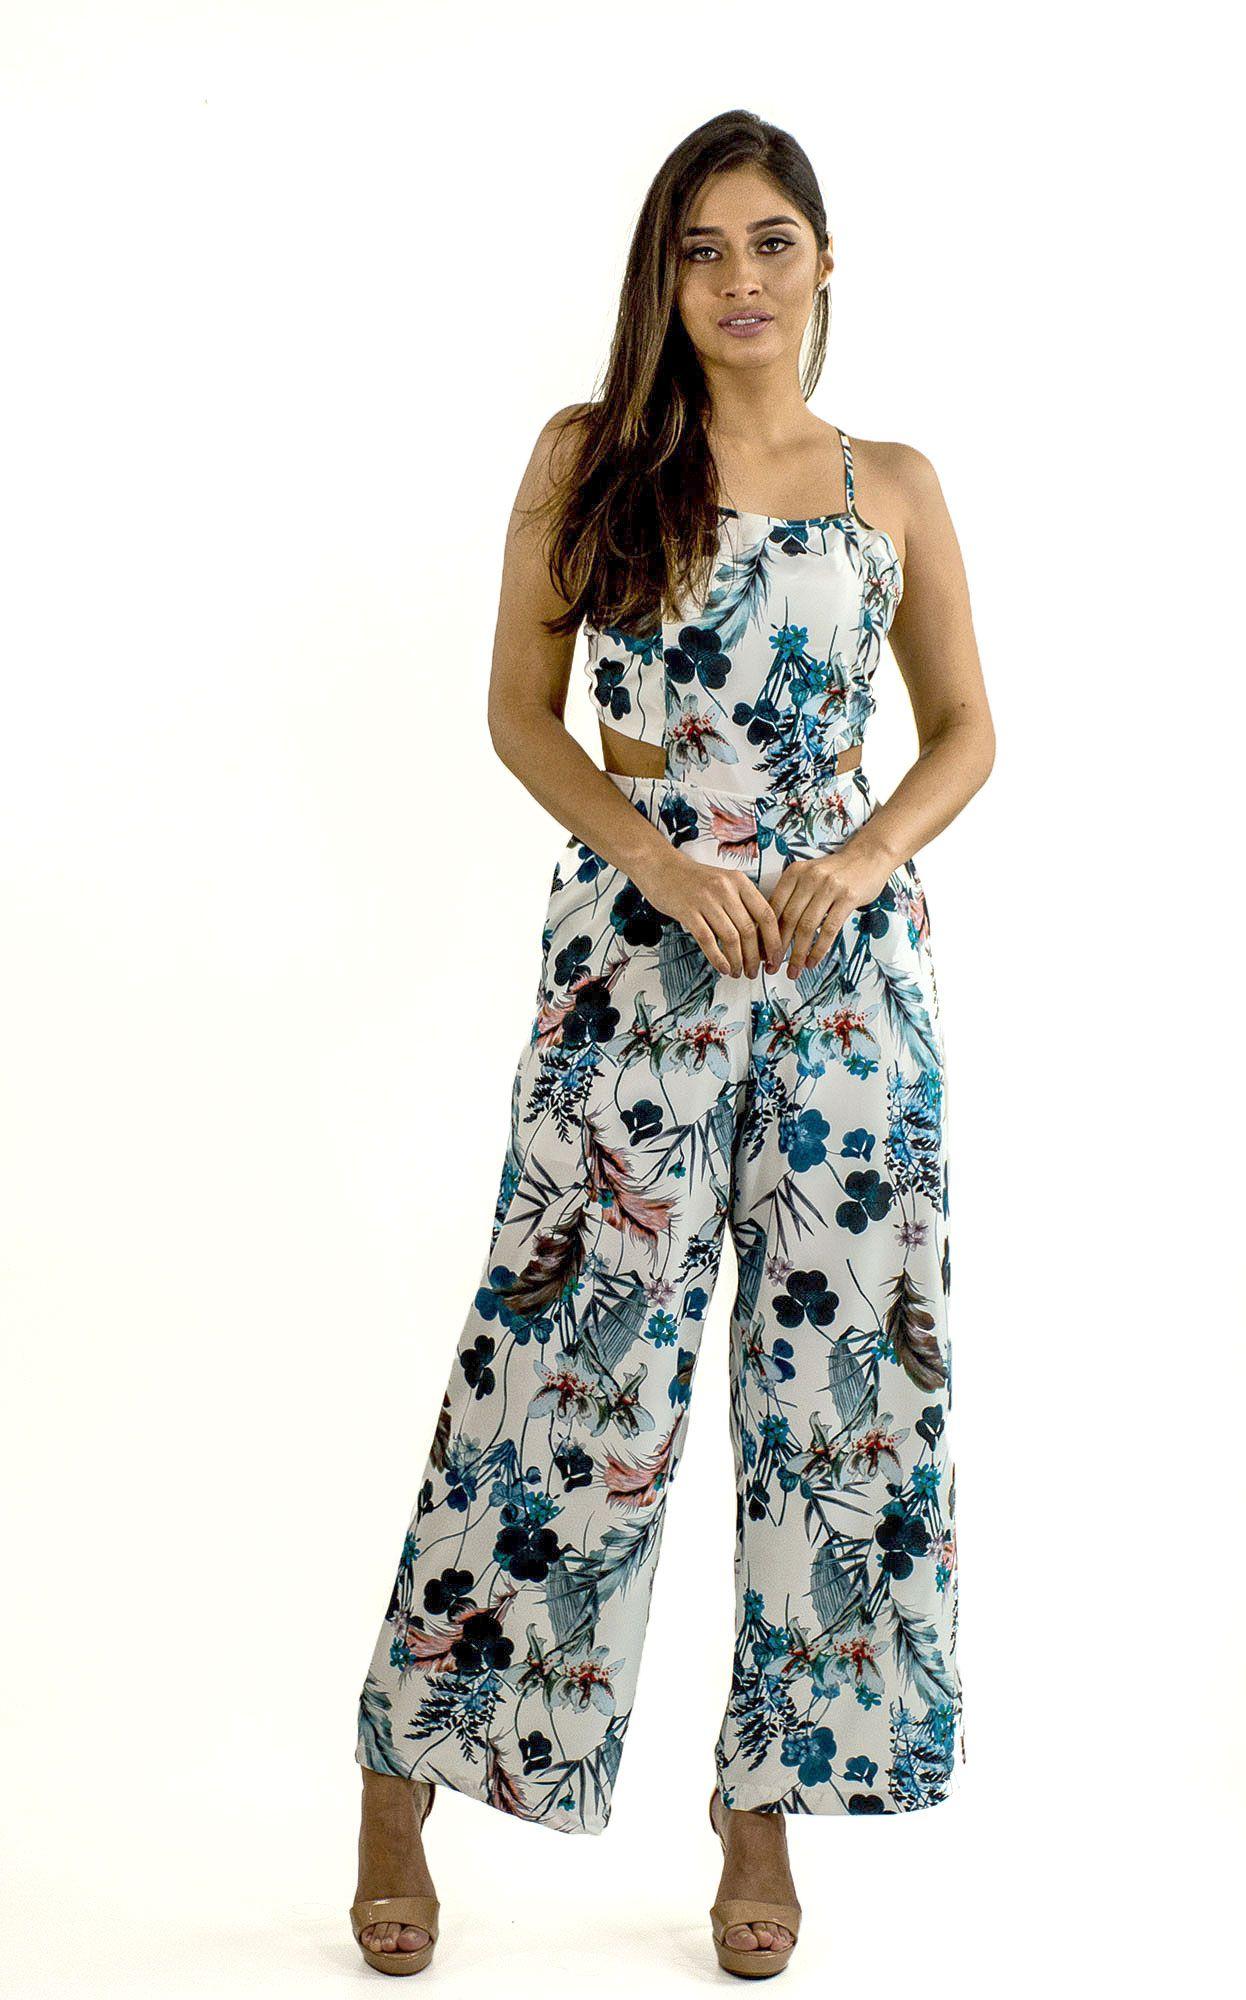 7c24d4b42 NotoriaStore: Moda Feminina Florianópolis - Online Macacão longo